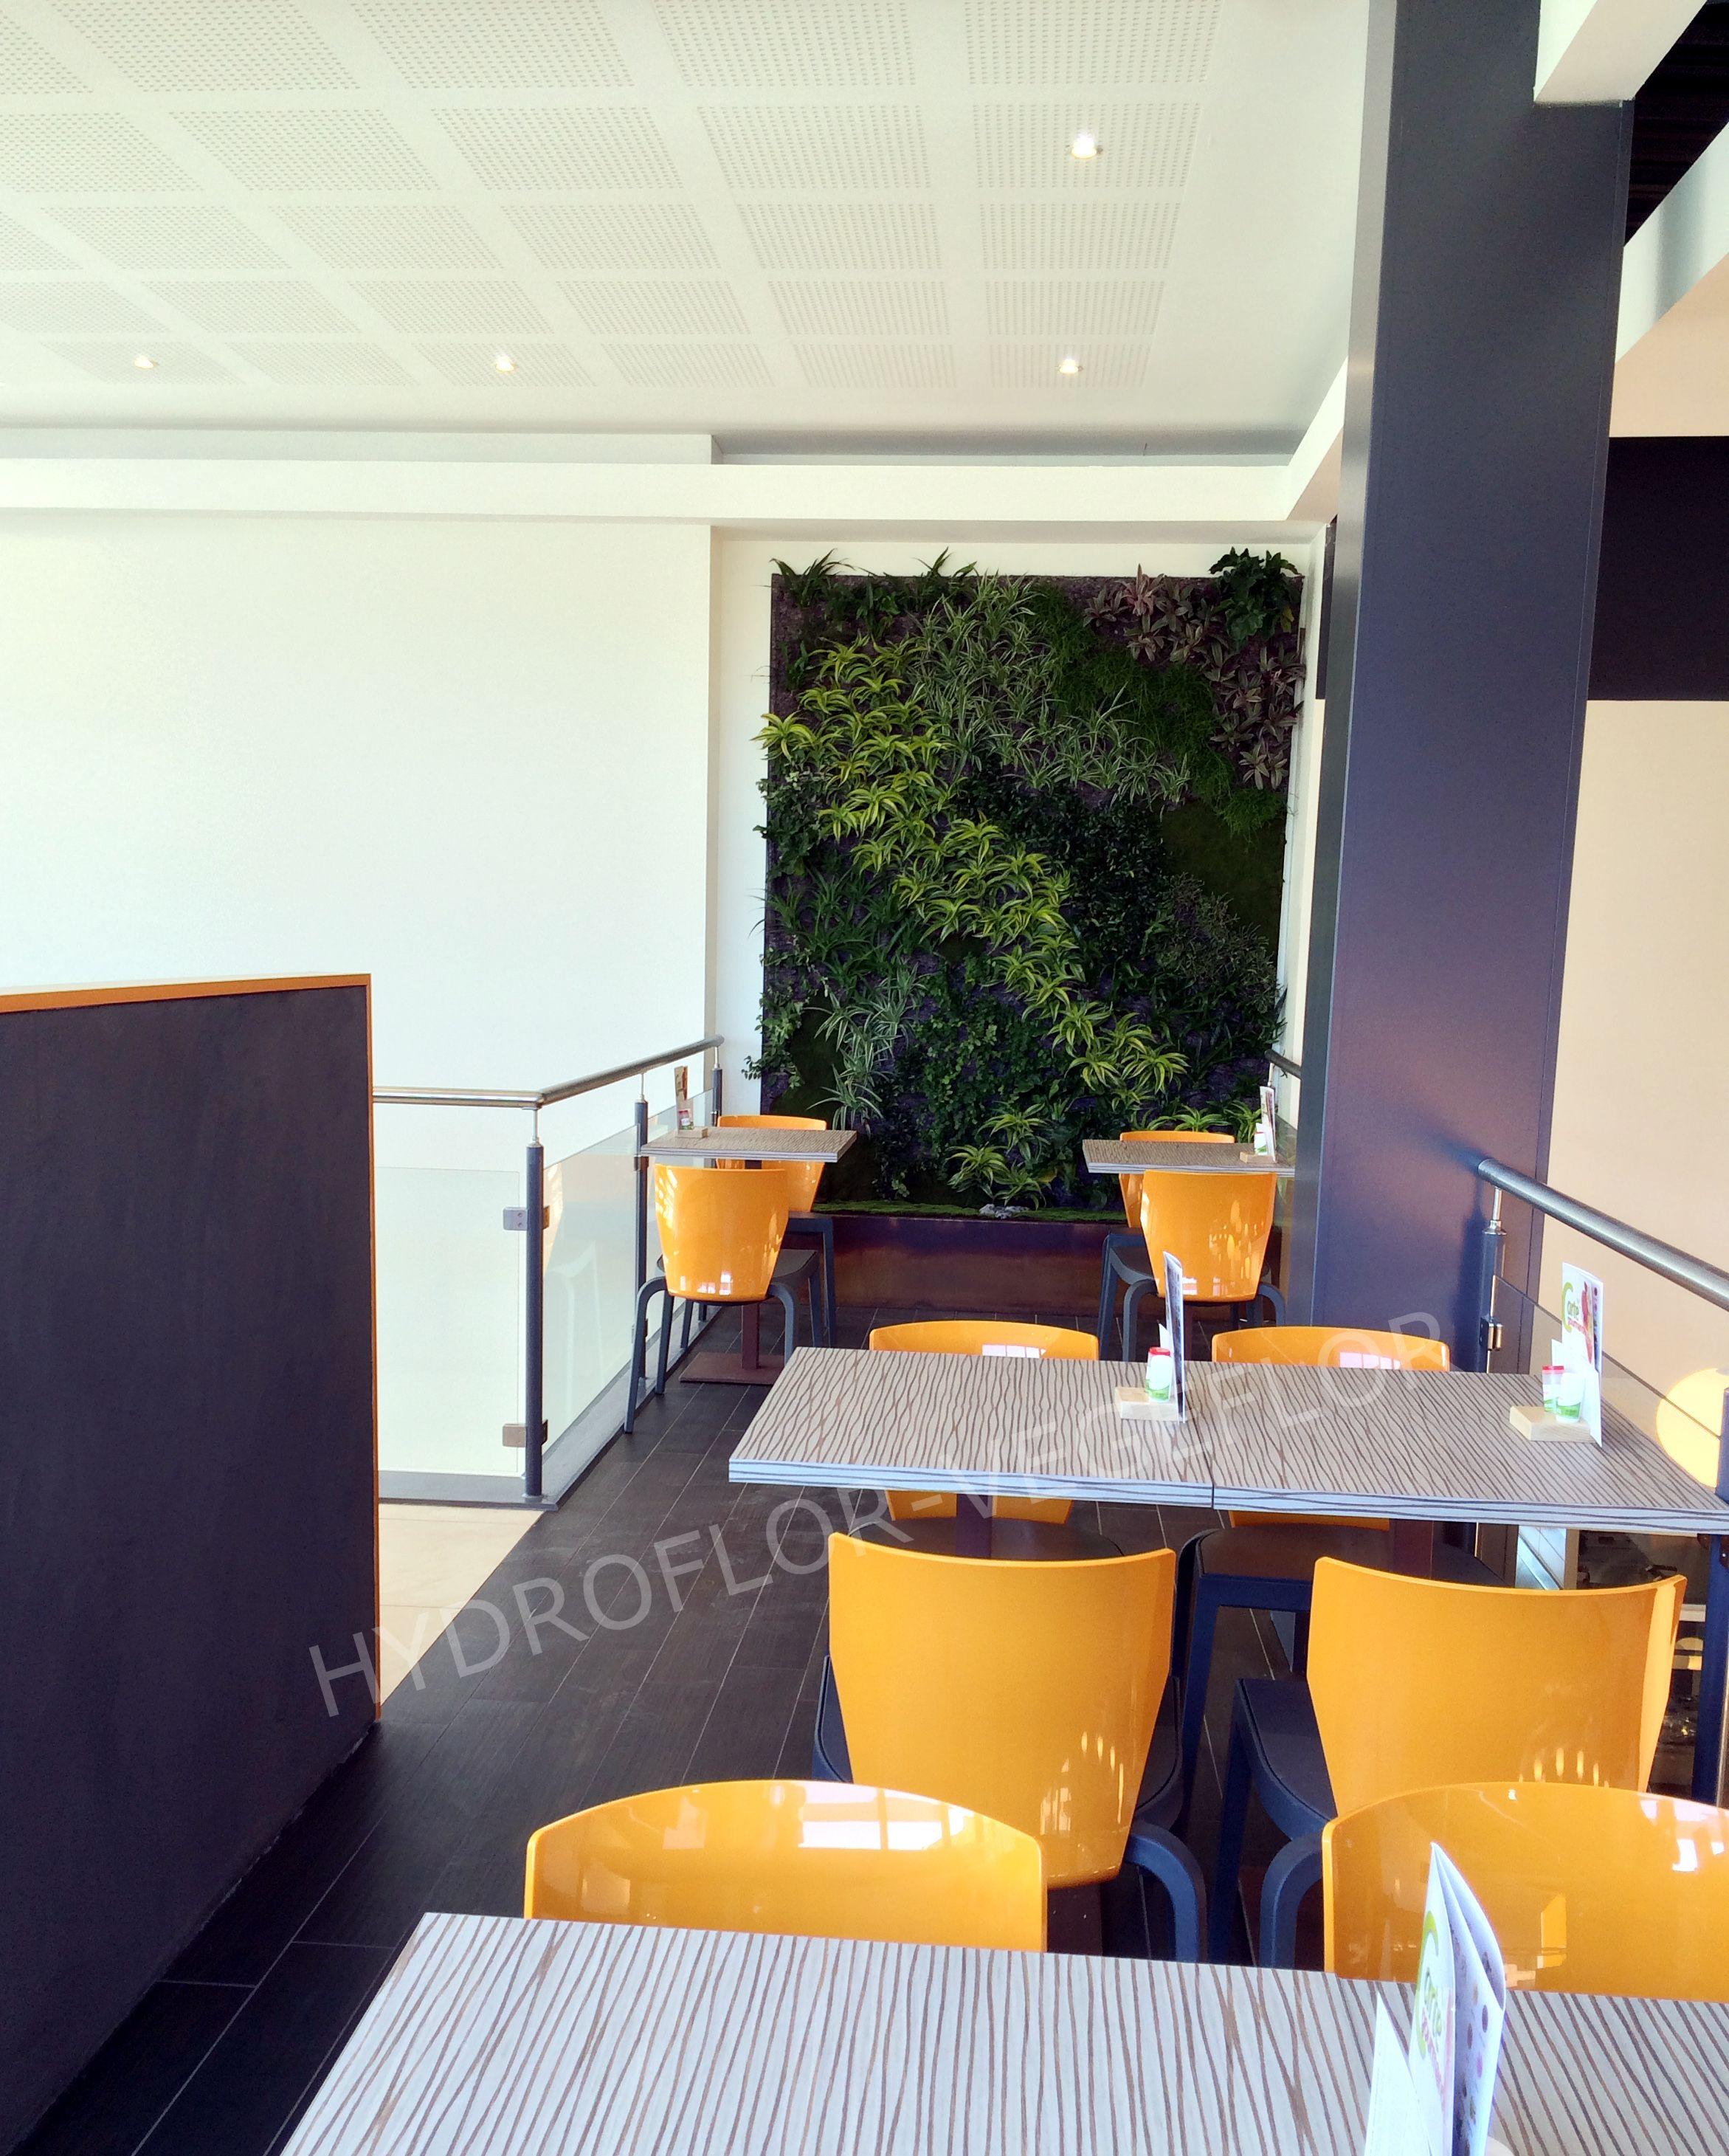 Mur végétal dans un nouveau restaurant crescendo à cahors